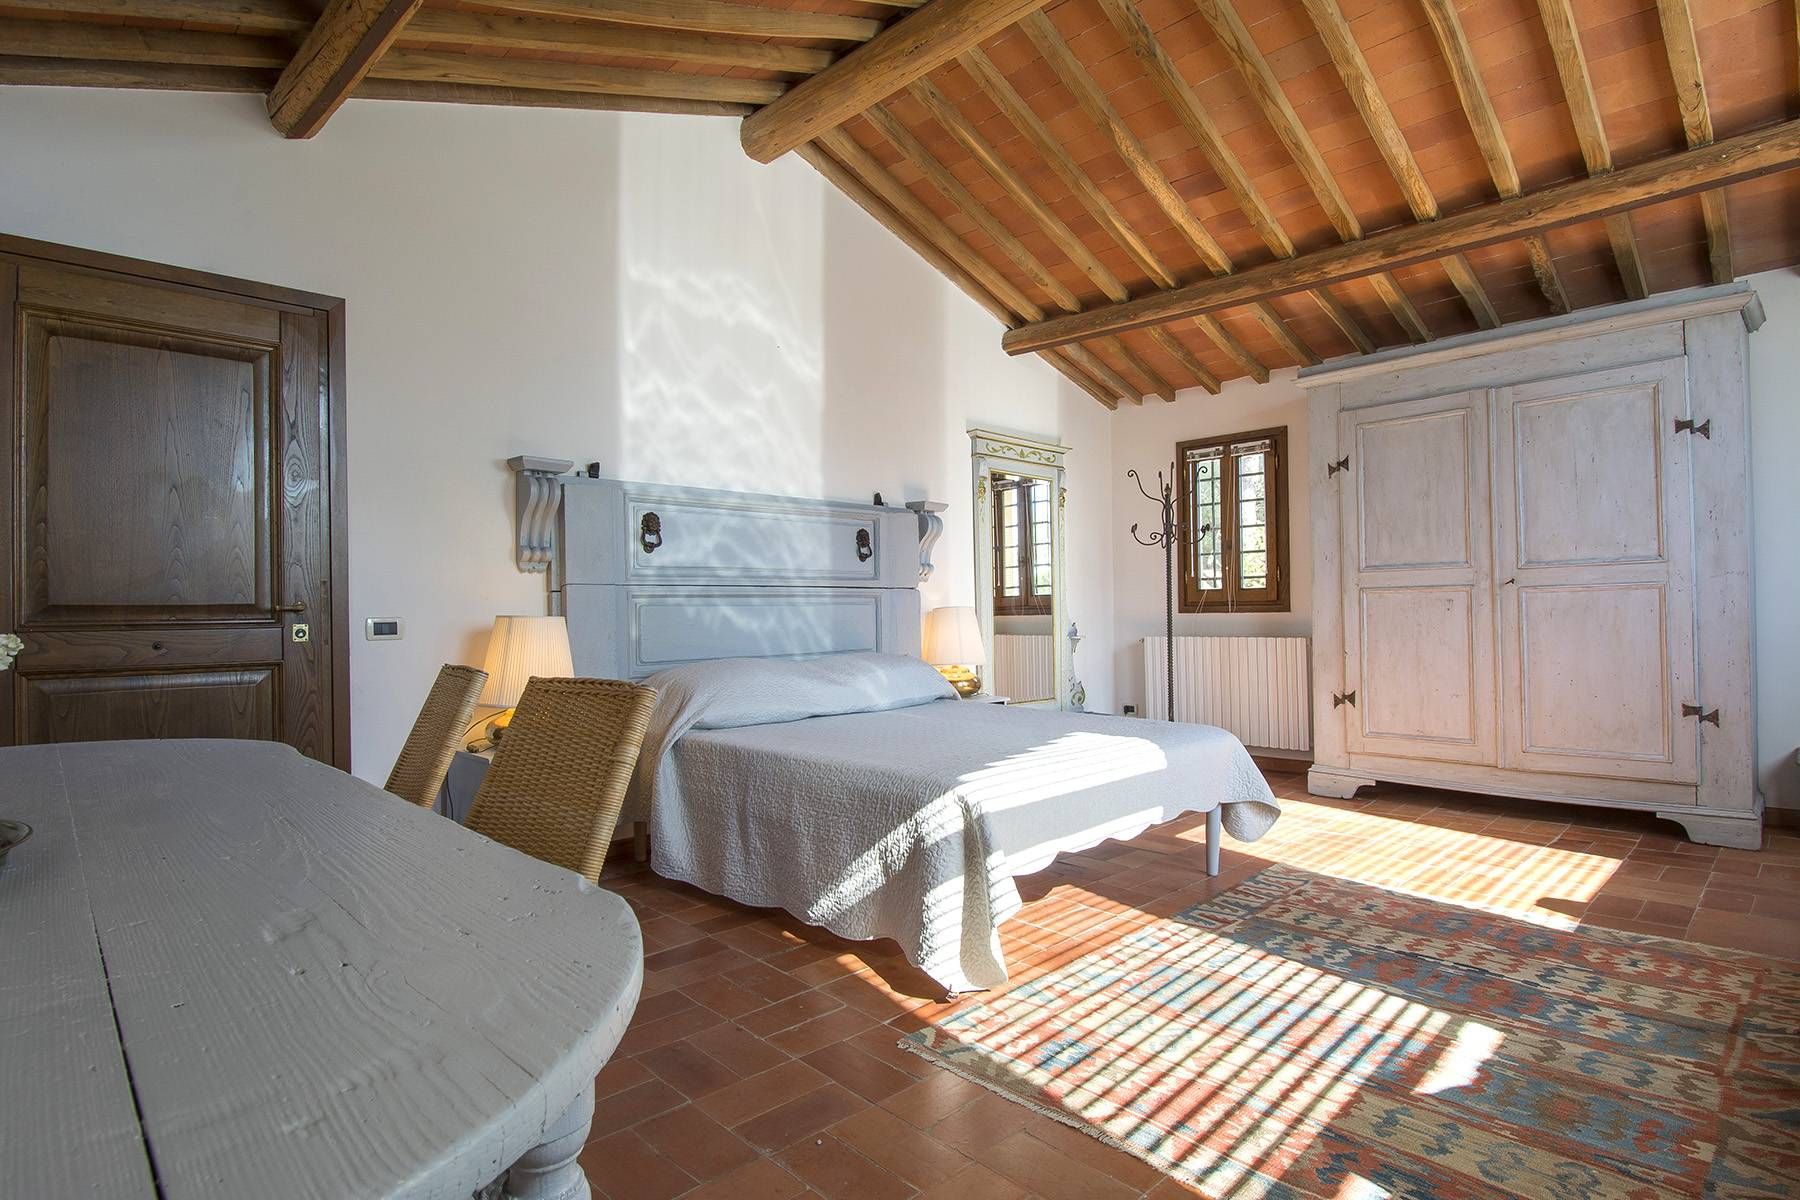 Villa in Vendita a Montecatini-Terme: 5 locali, 250 mq - Foto 9